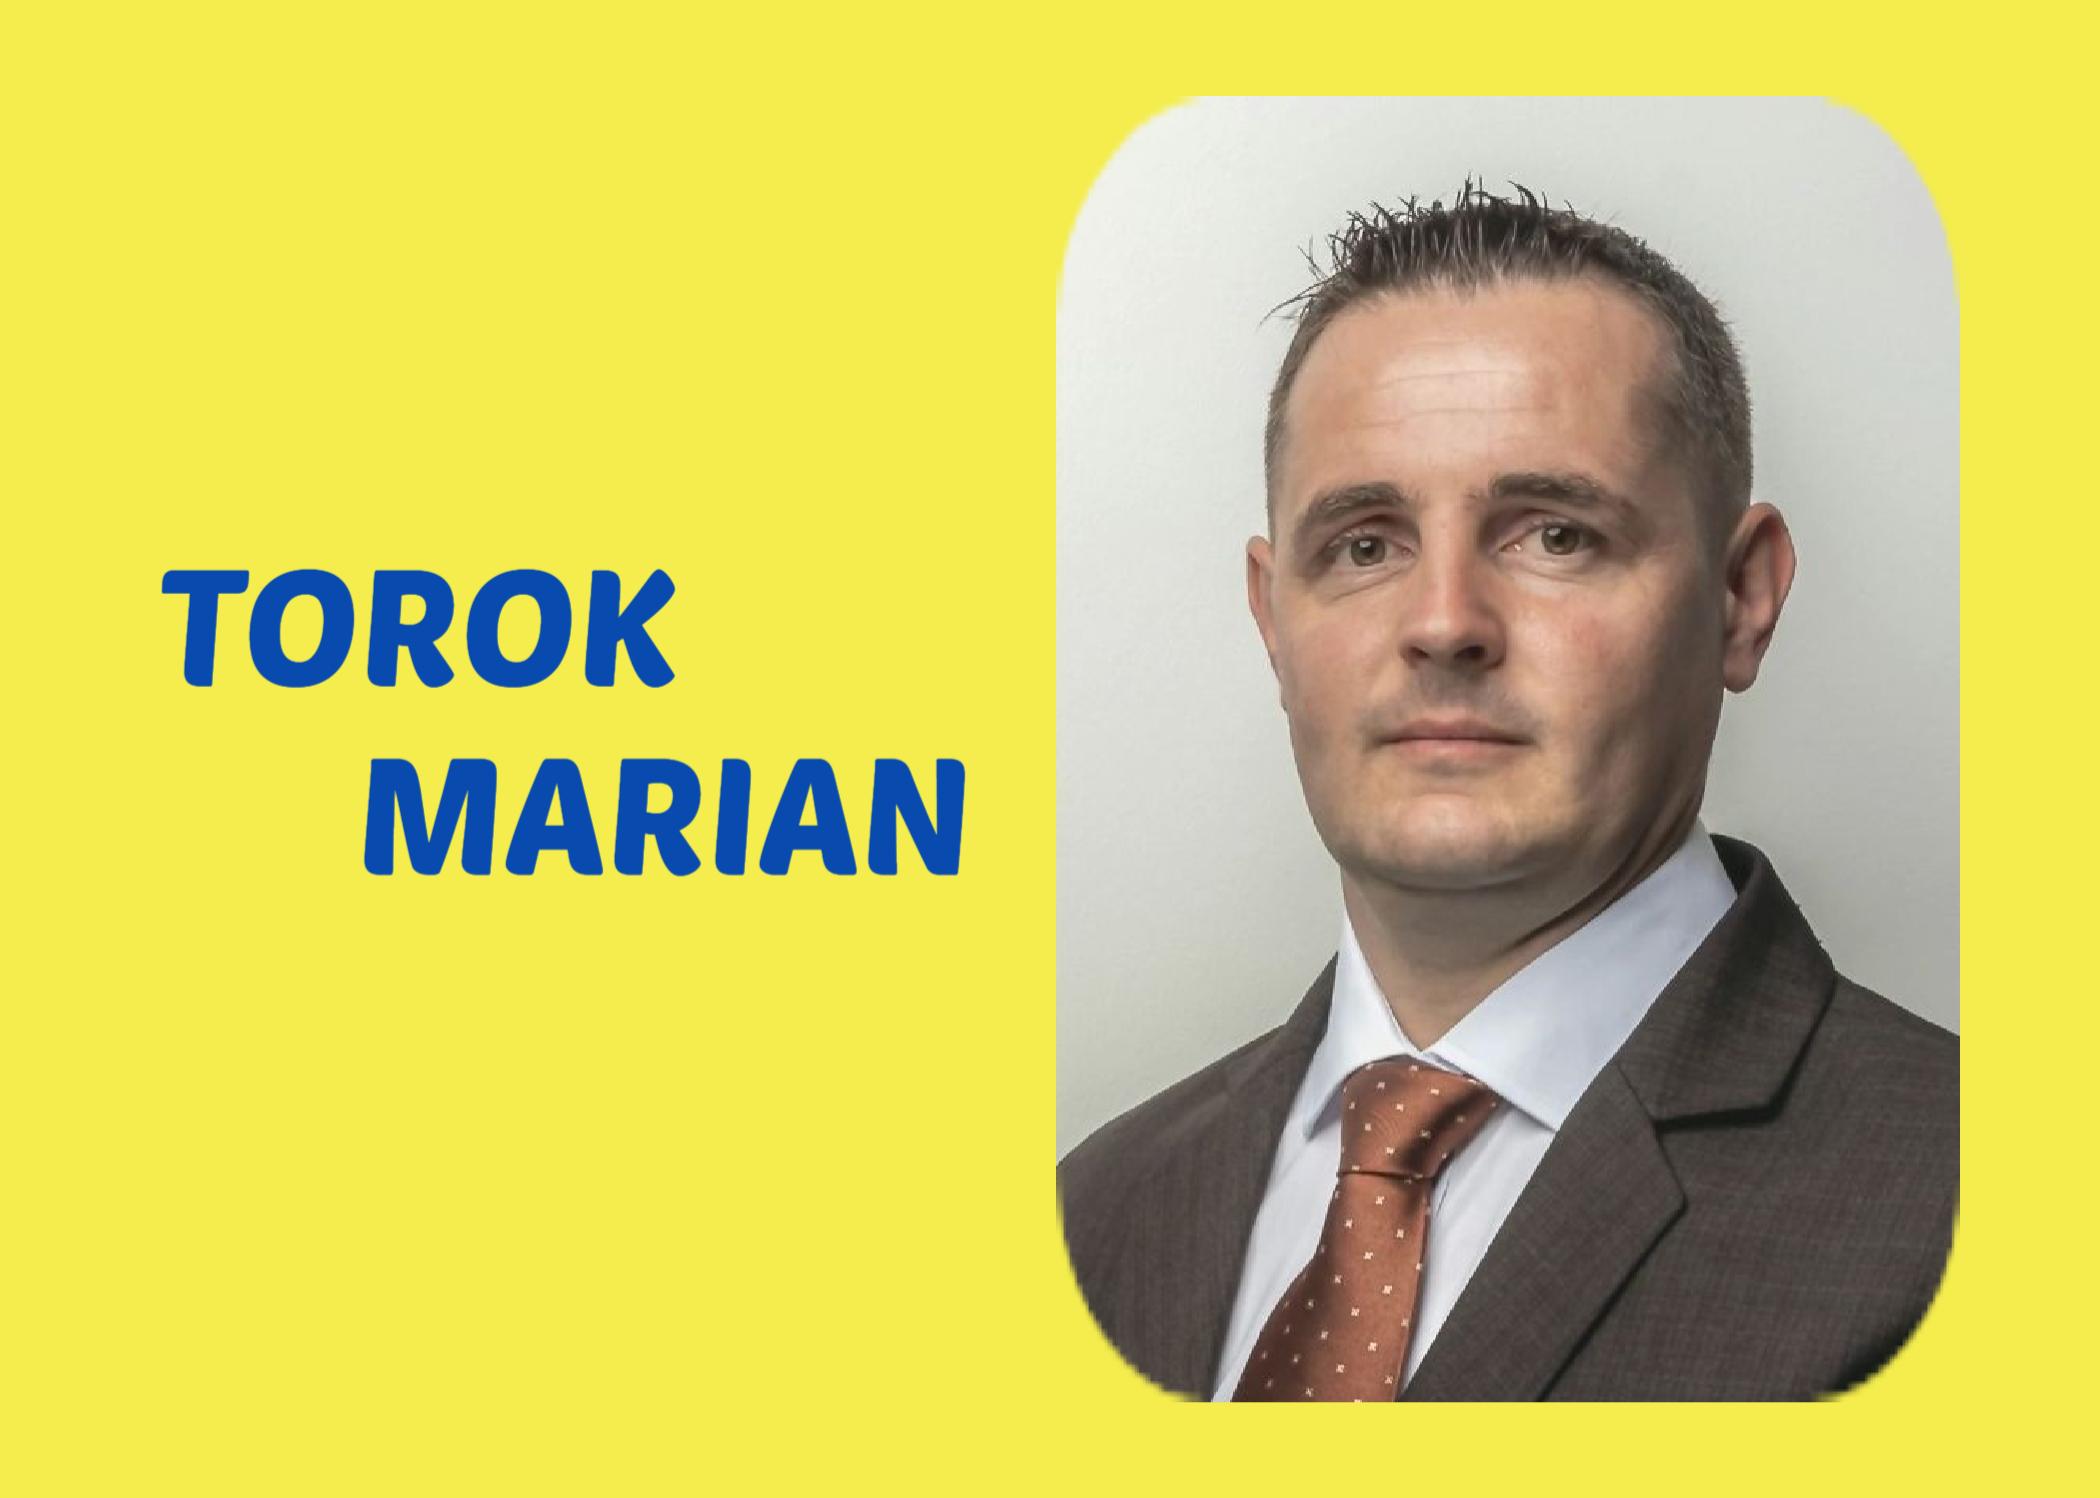 Interviu cu primarul Medieșului Aurit, Marian Torok , un primar foarte tânăr dar foarte apreciat de comunitate